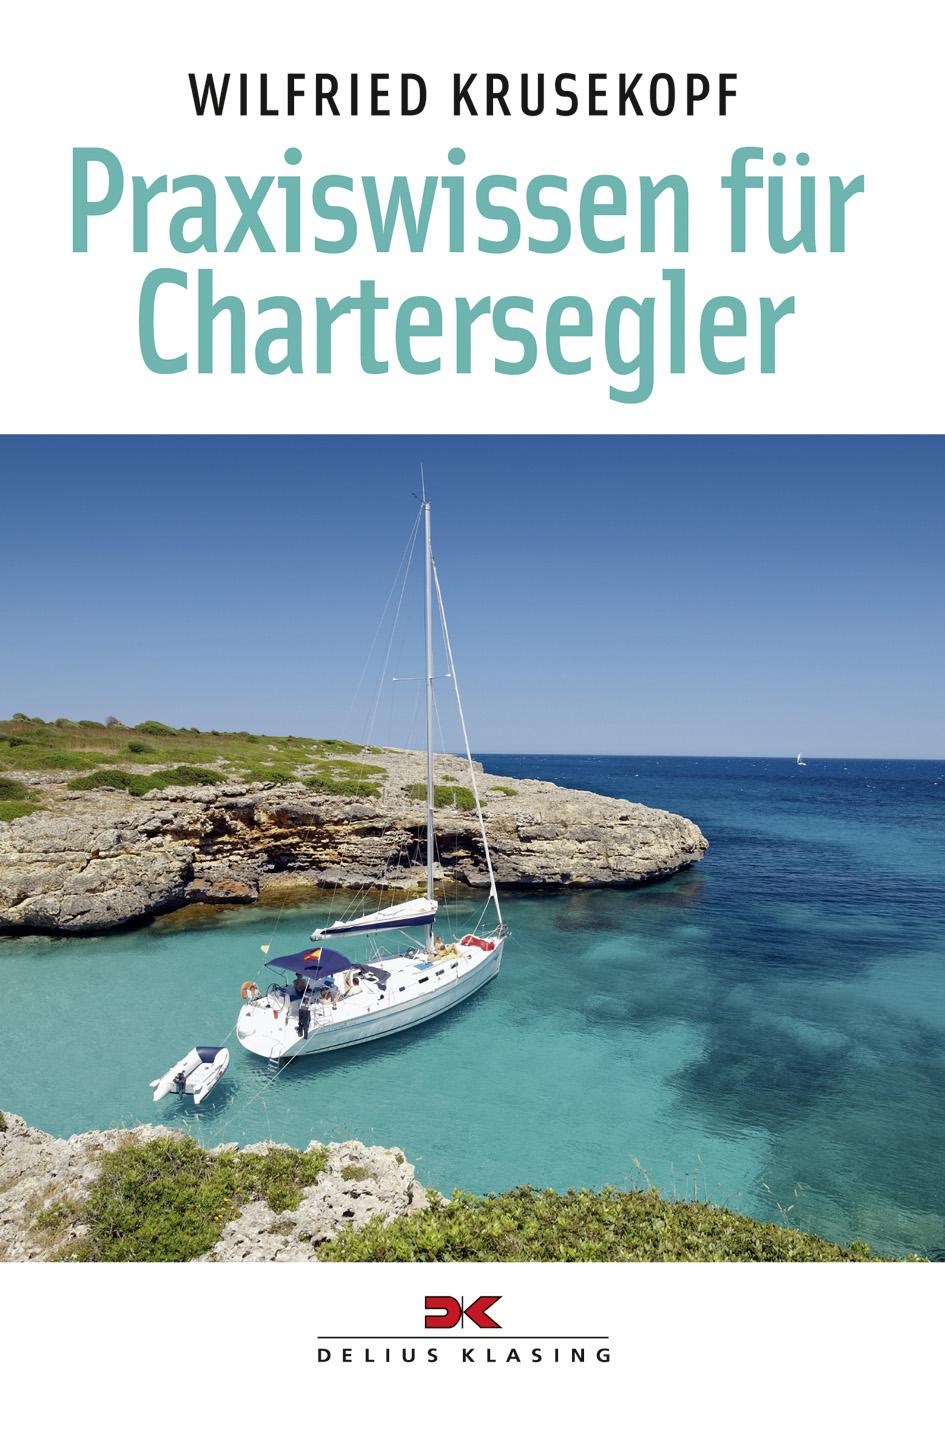 Praxiswissen für Chartersegler - Wilfried Kruse...